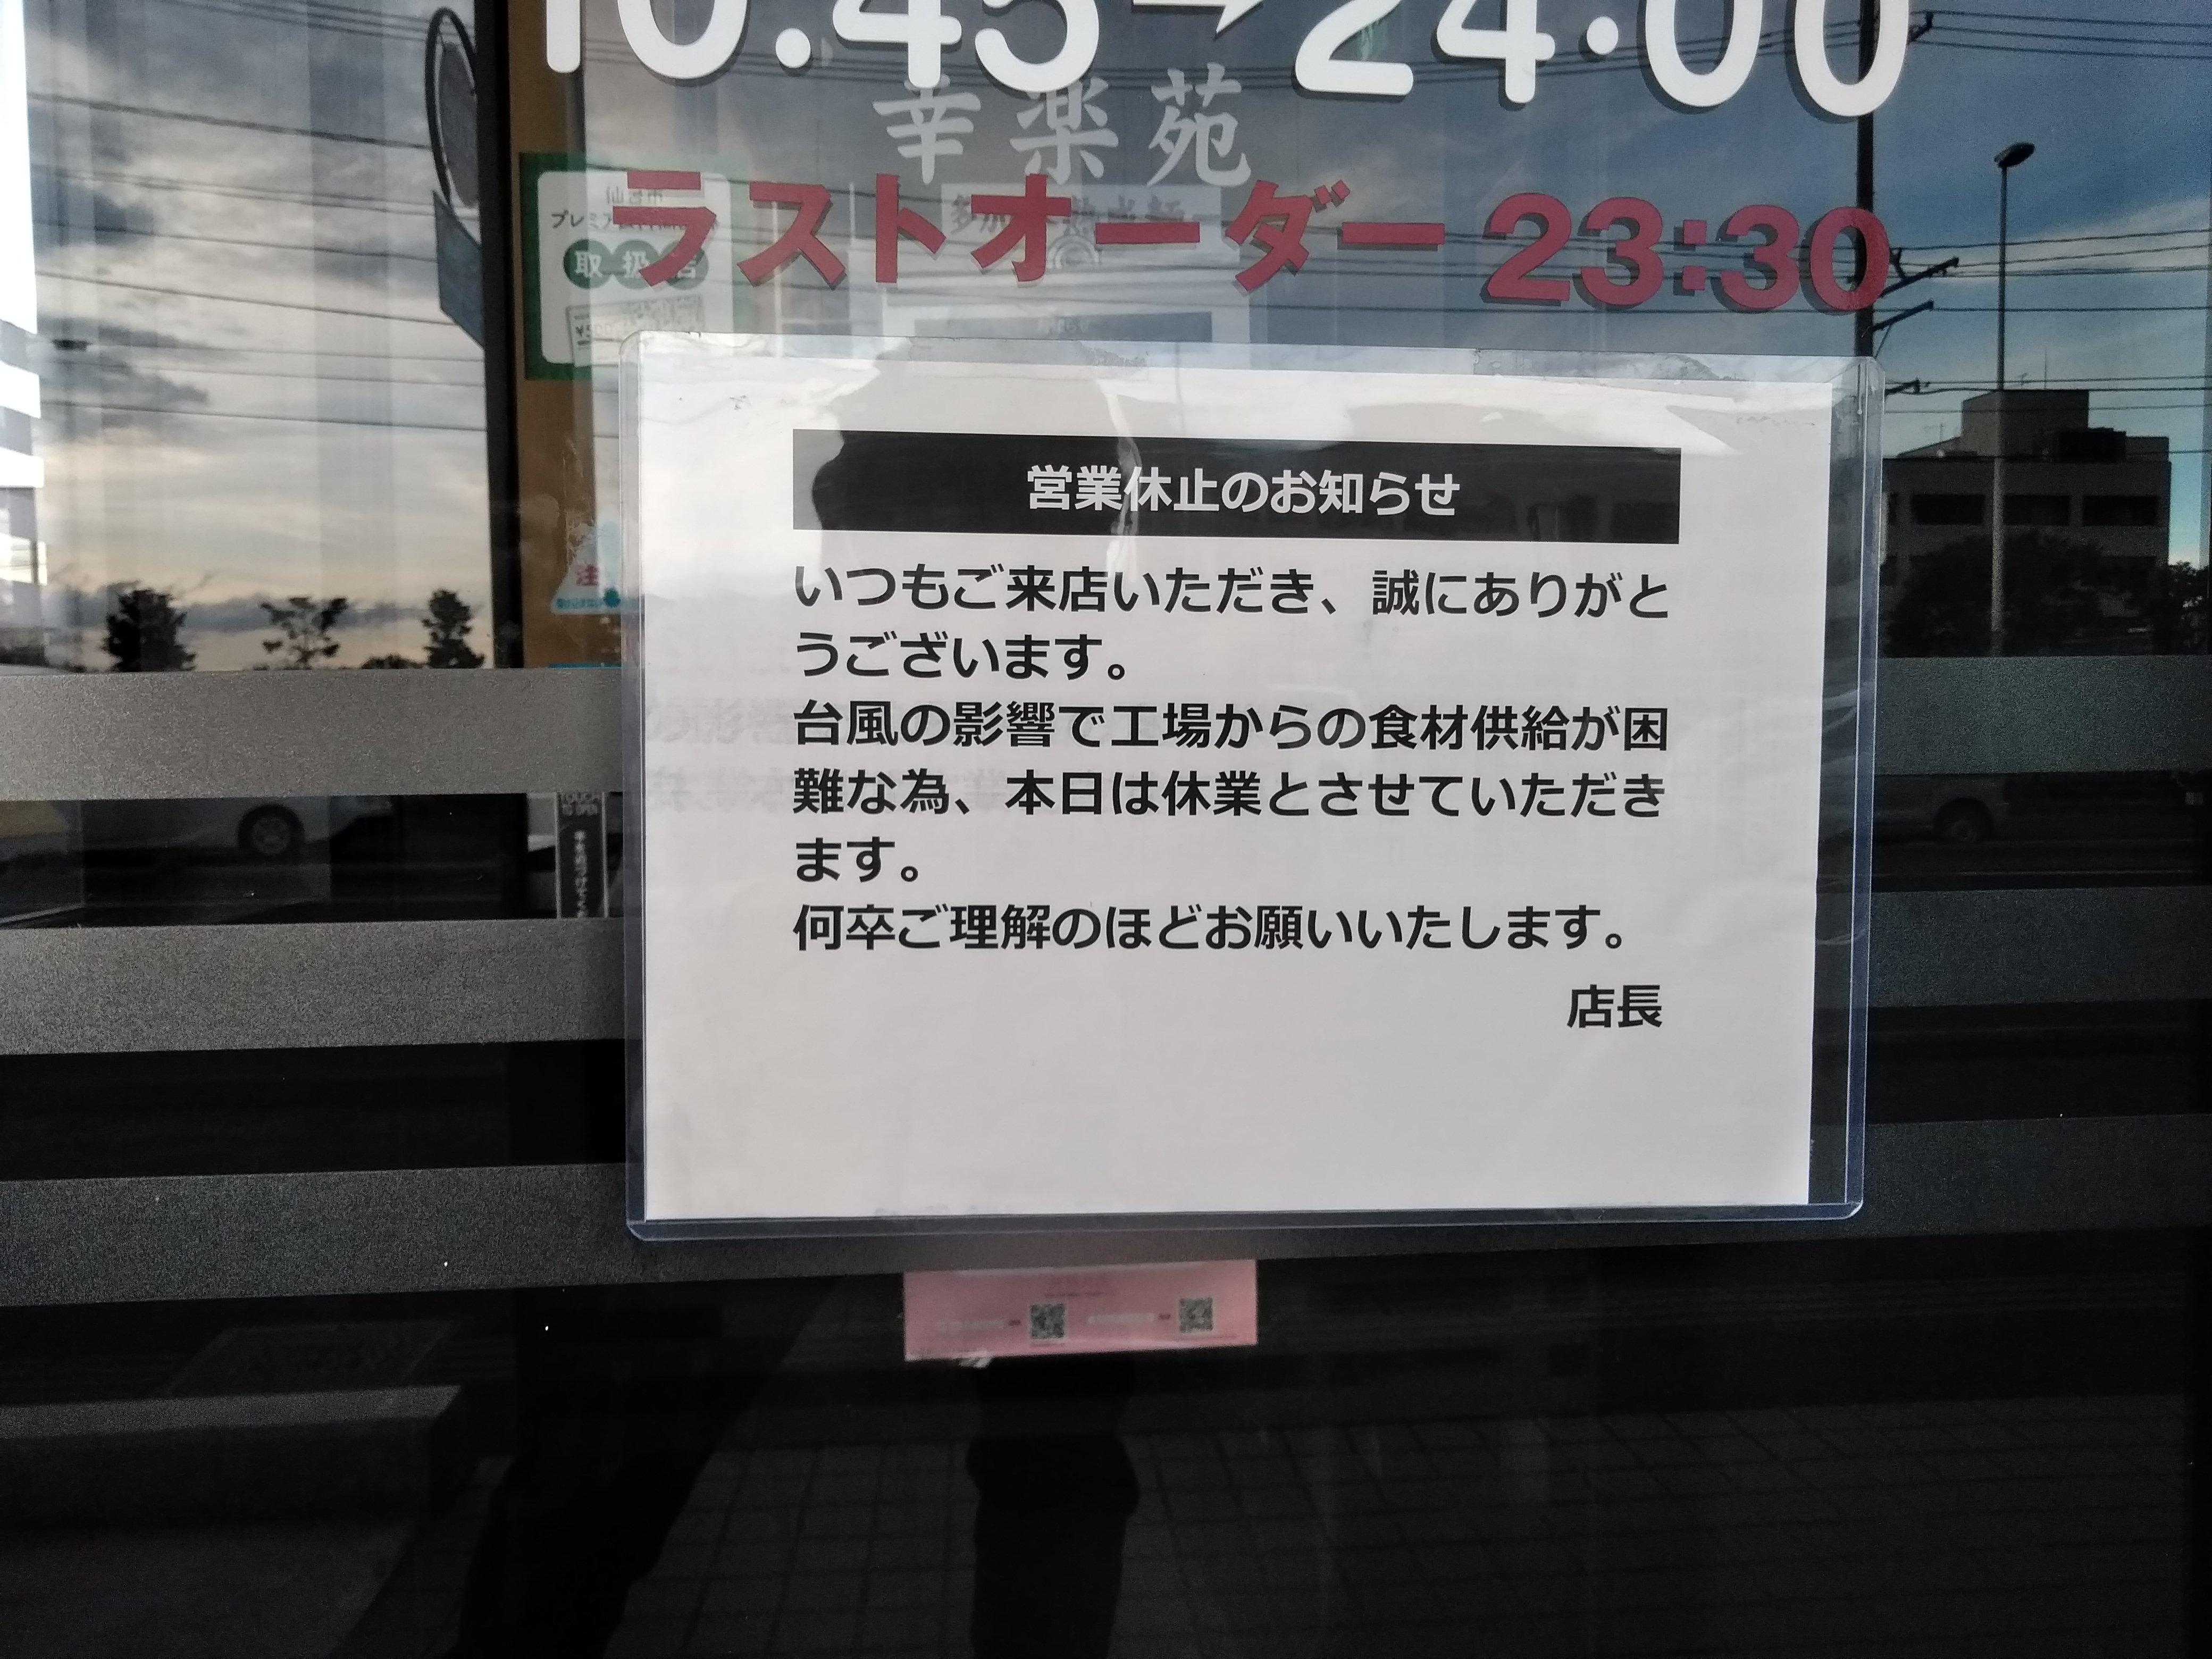 台風19号の影響で幸楽苑150店舗が営業休止!